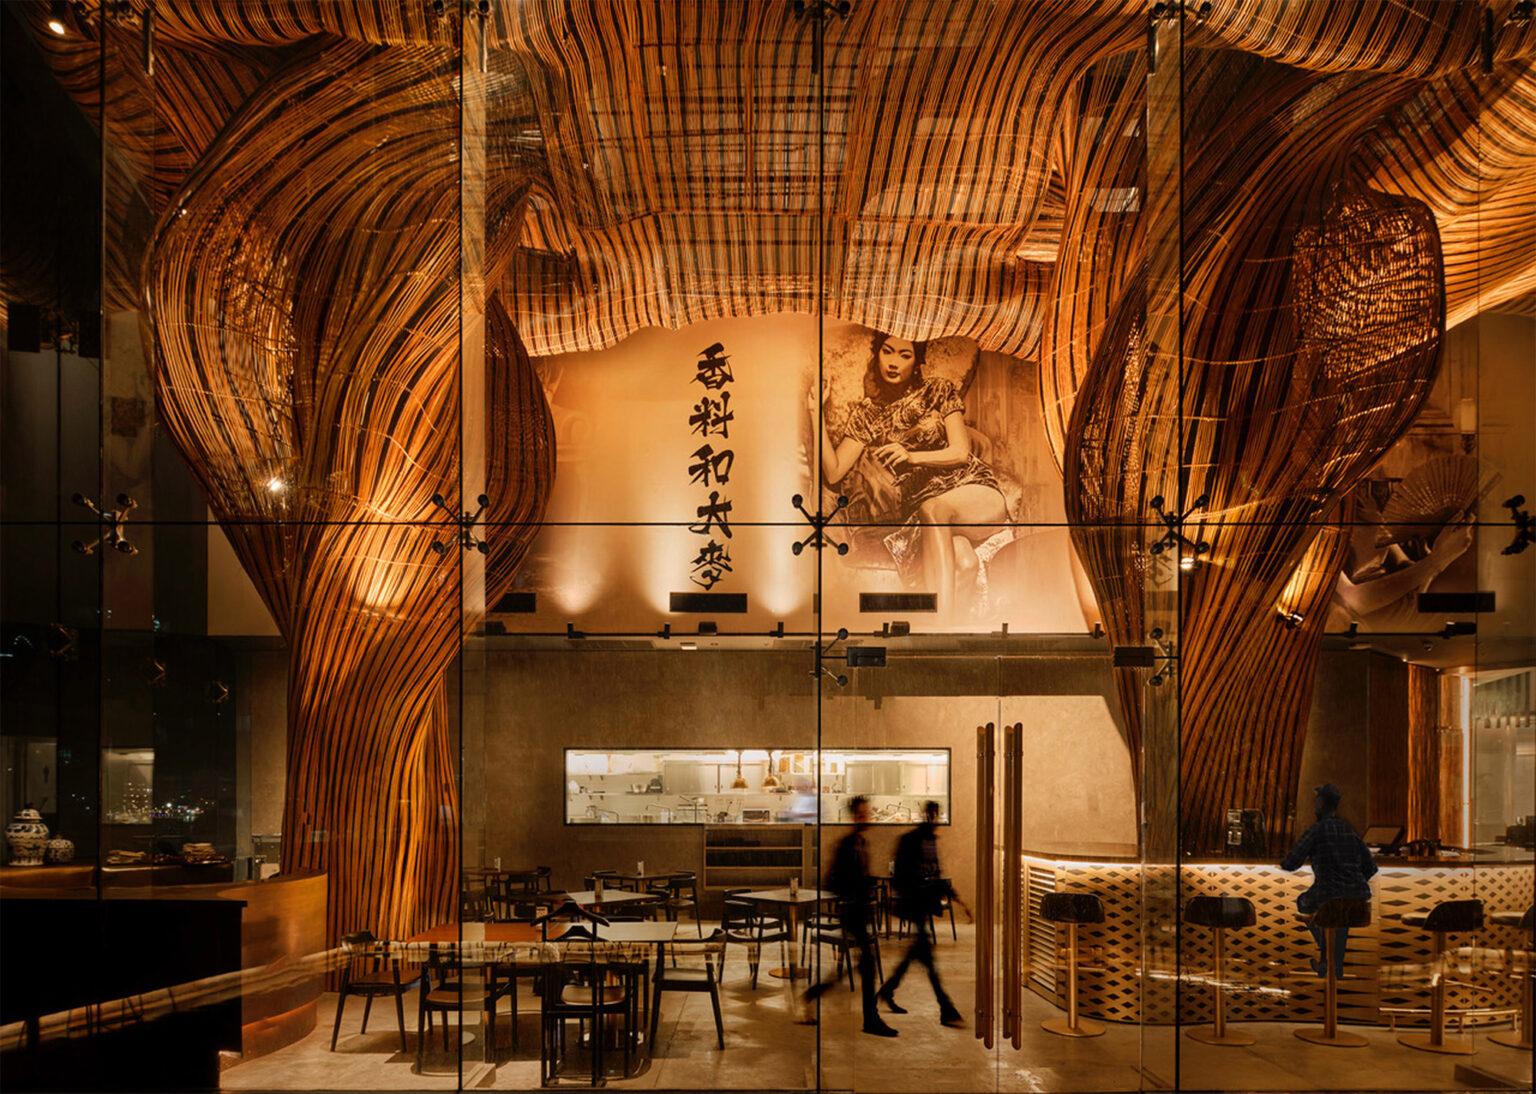 Ресторан в Бангкоке фото